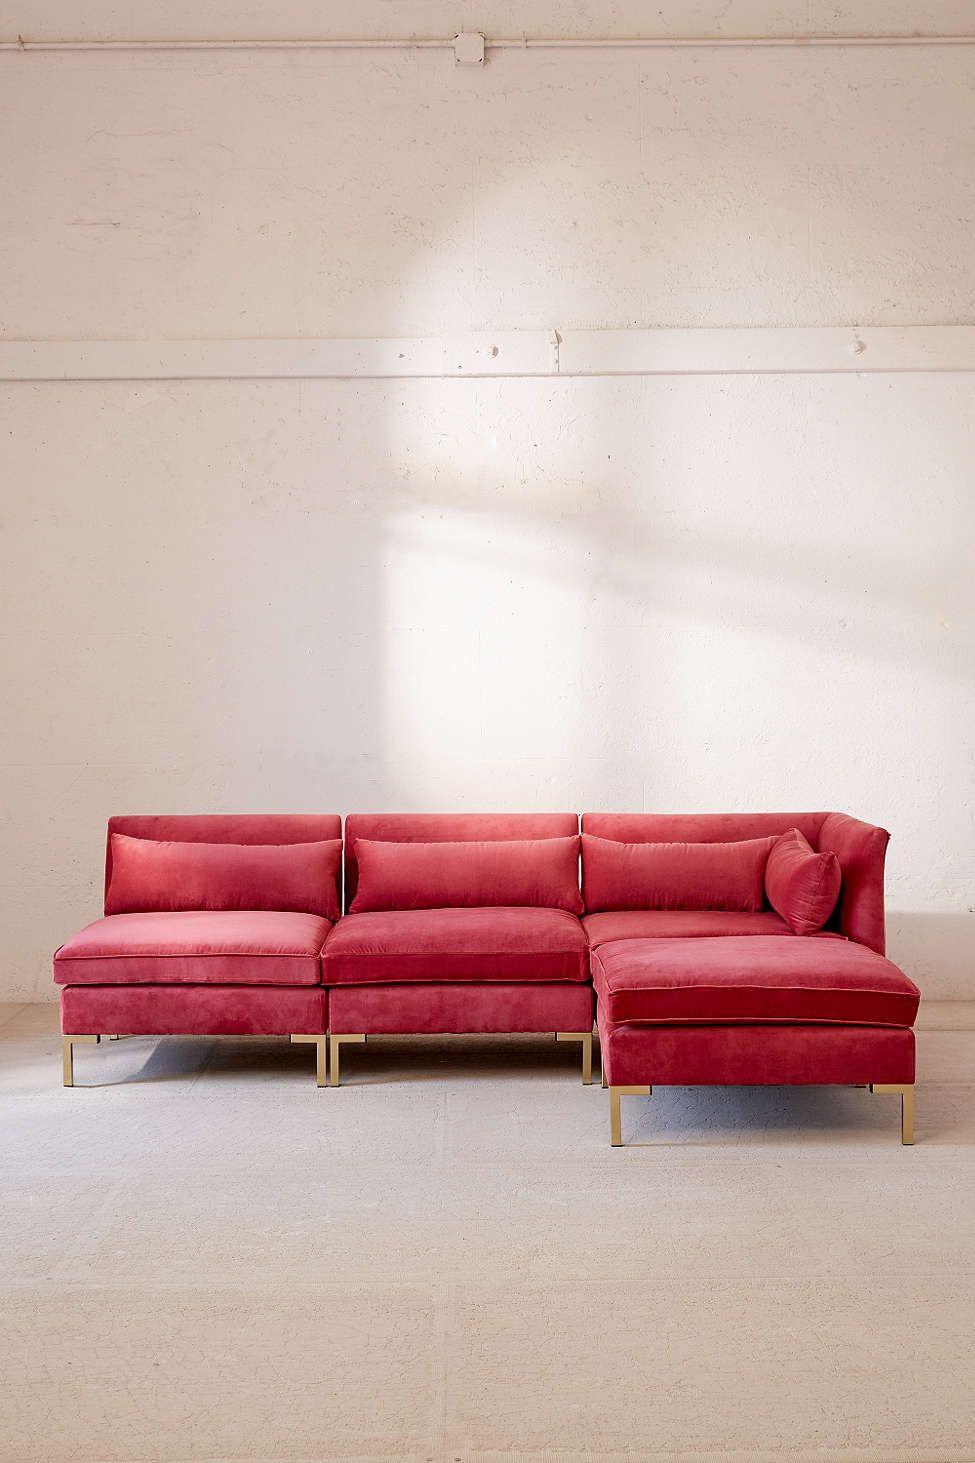 The Daily Hunt | Rotonda, Terciopelo y Sala de estar